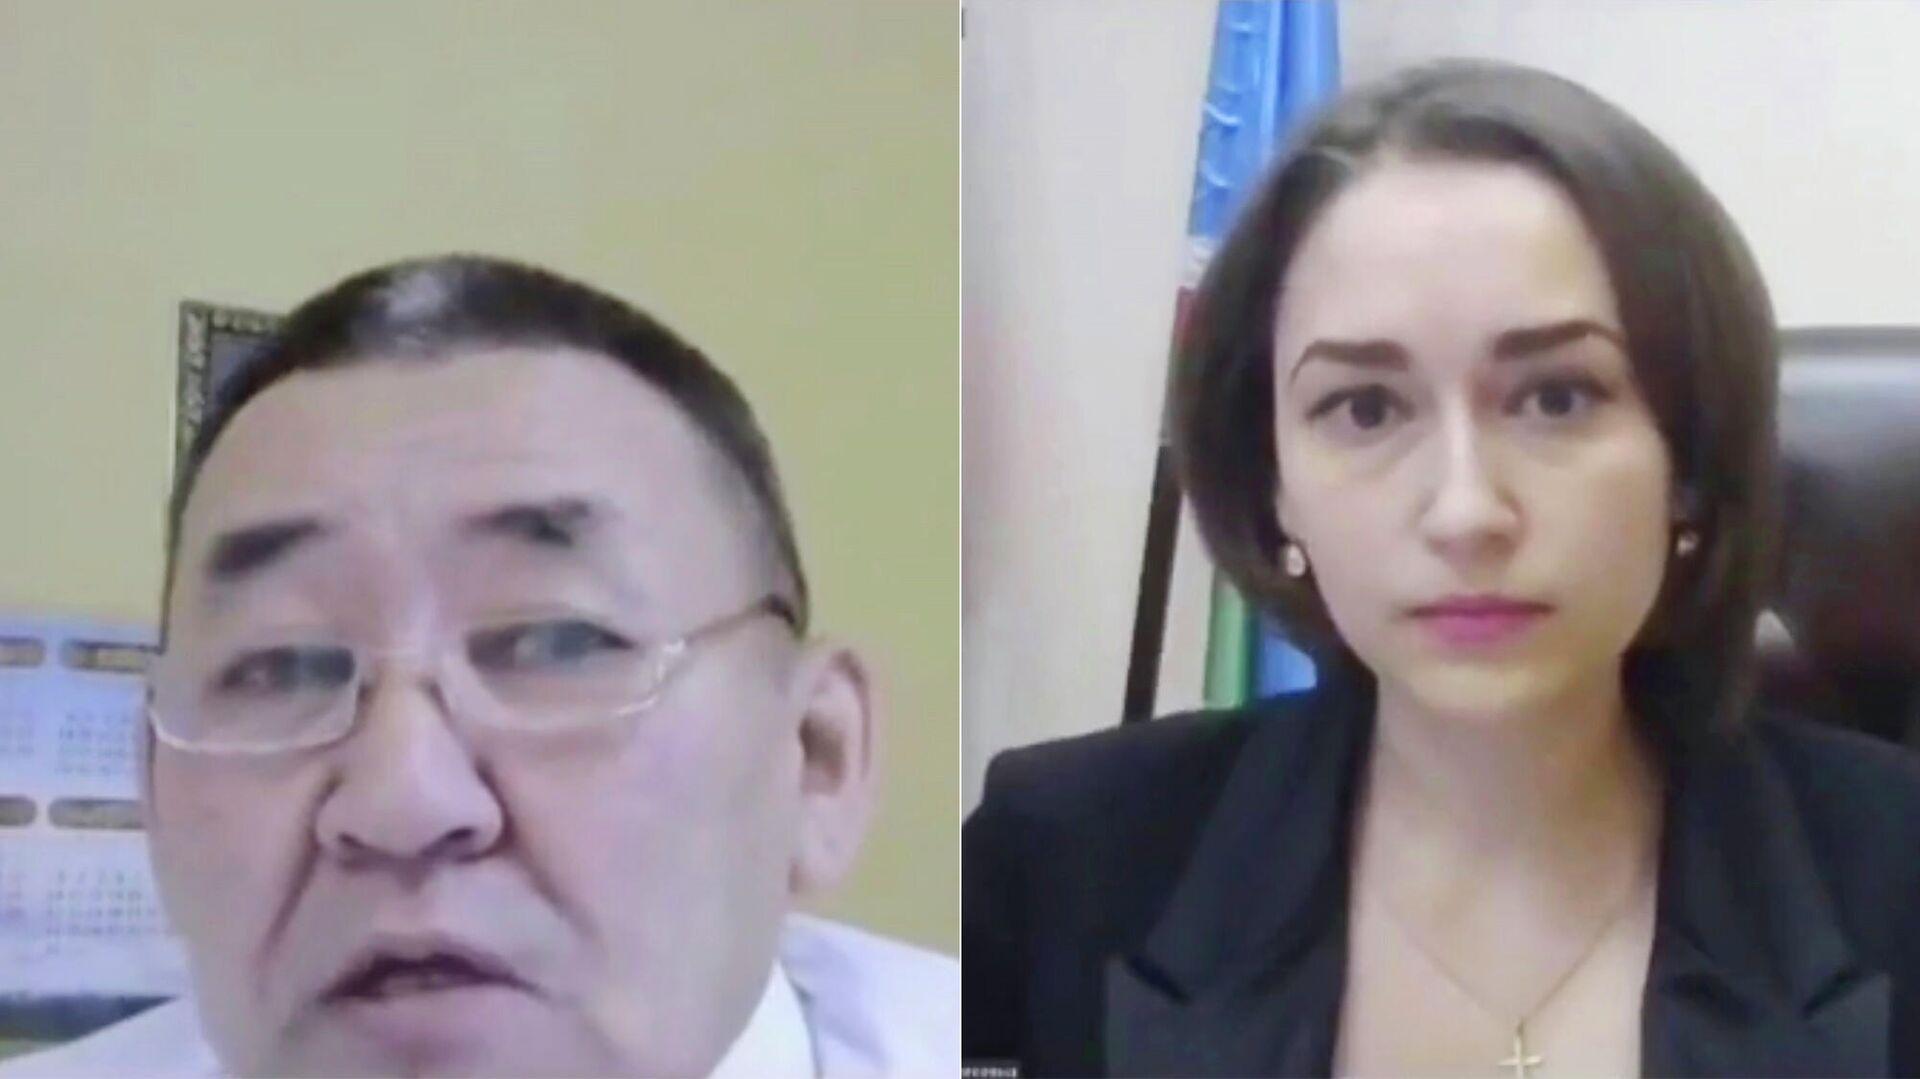 Депутат Резник рассказал, что его допросили по делу о наркотиках